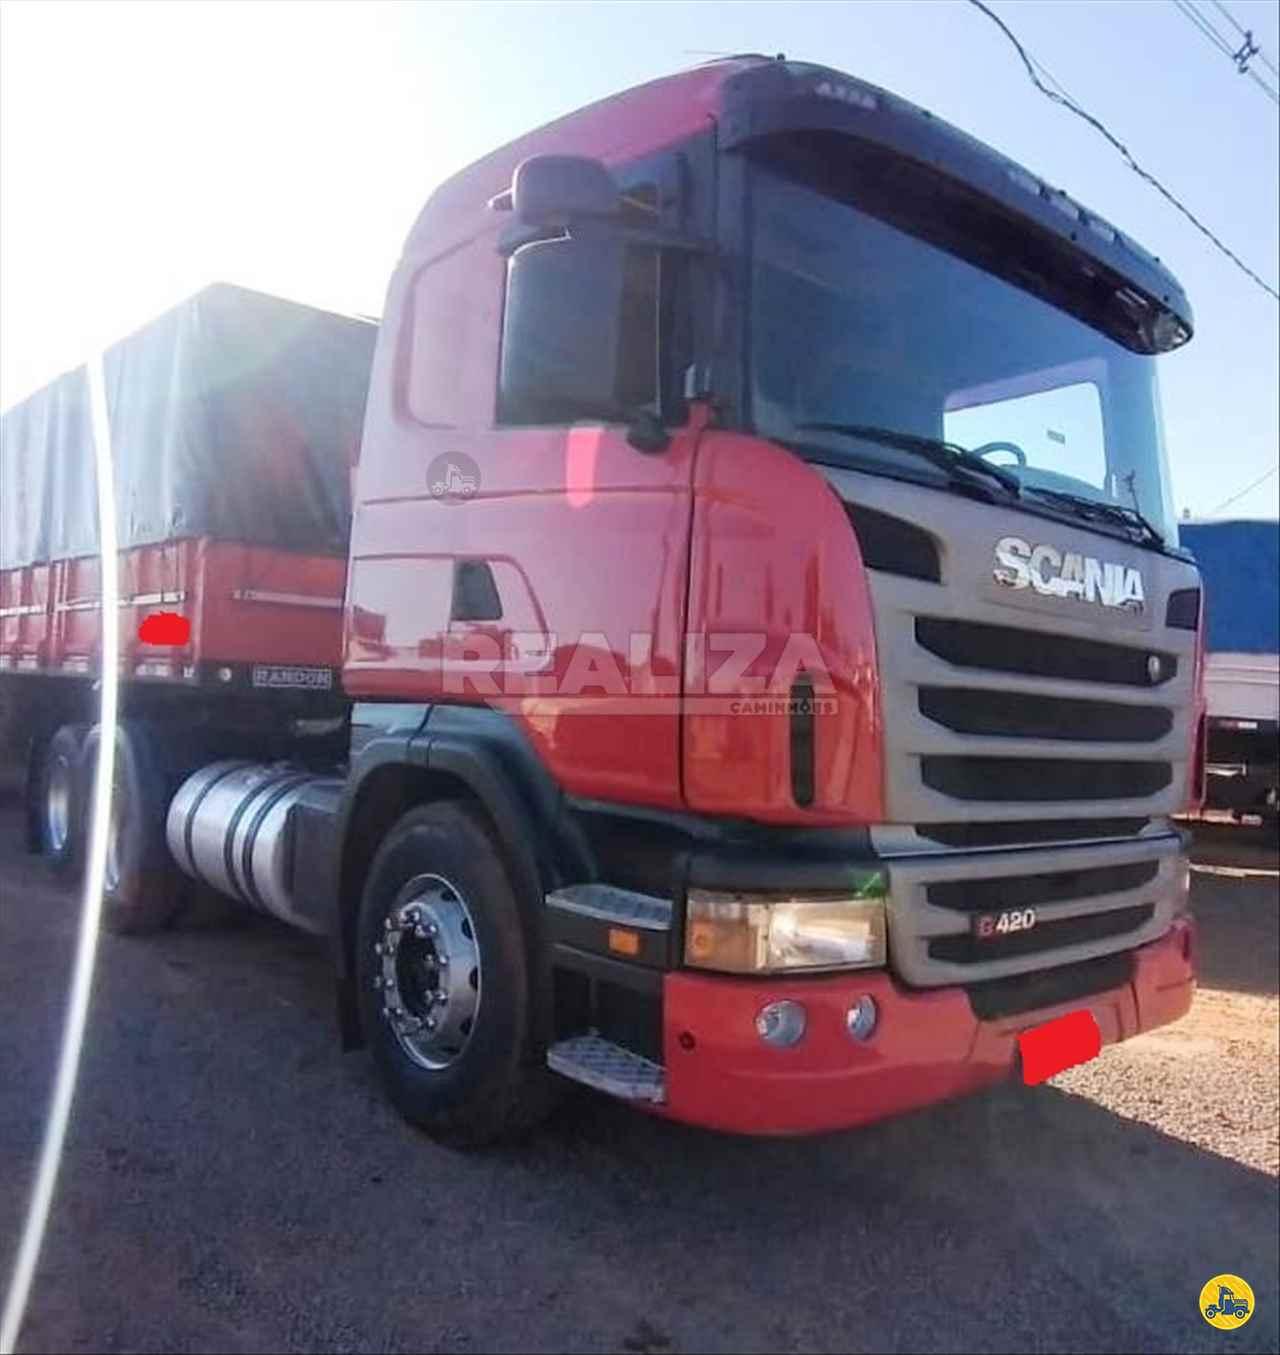 CAMINHAO SCANIA SCANIA 420 Cavalo Mecânico Truck 6x2 Realiza Caminhões - Umuarama UMUARAMA PARANÁ PR